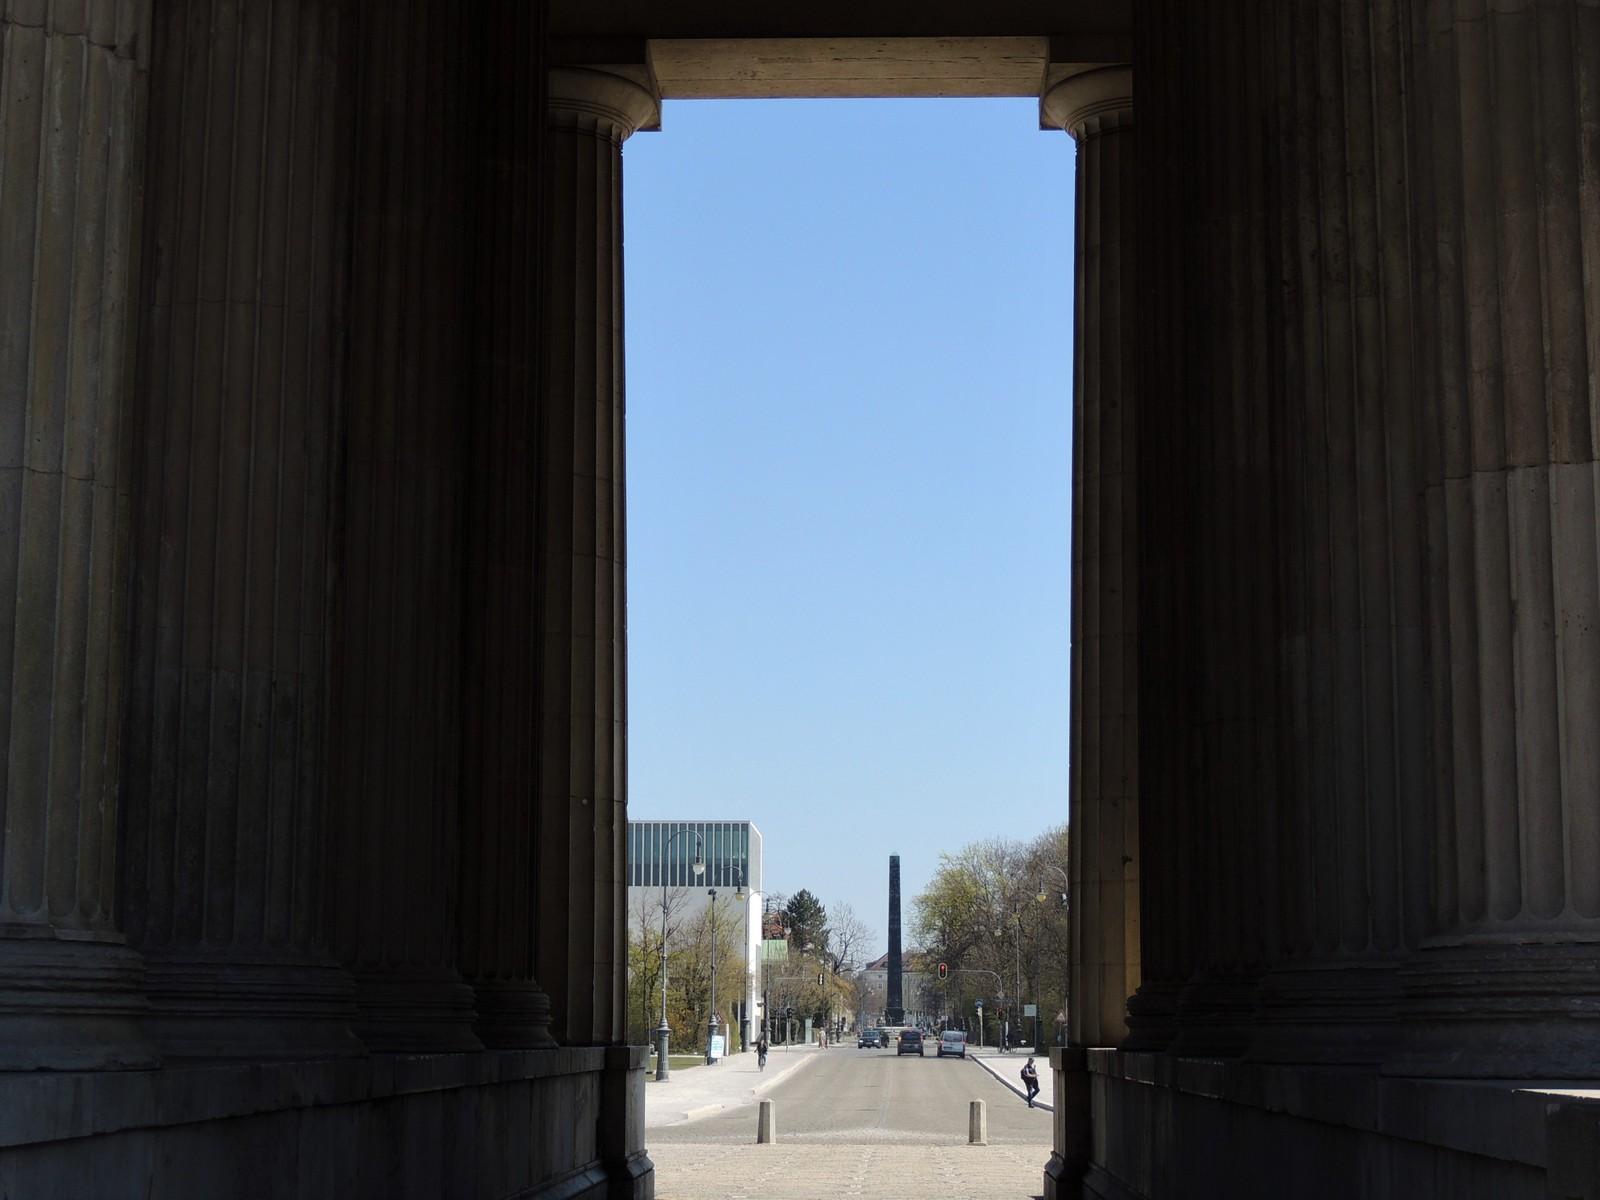 Propyläen - im Auftrag von Ludwig I. durch Leo von Klenze erbaut